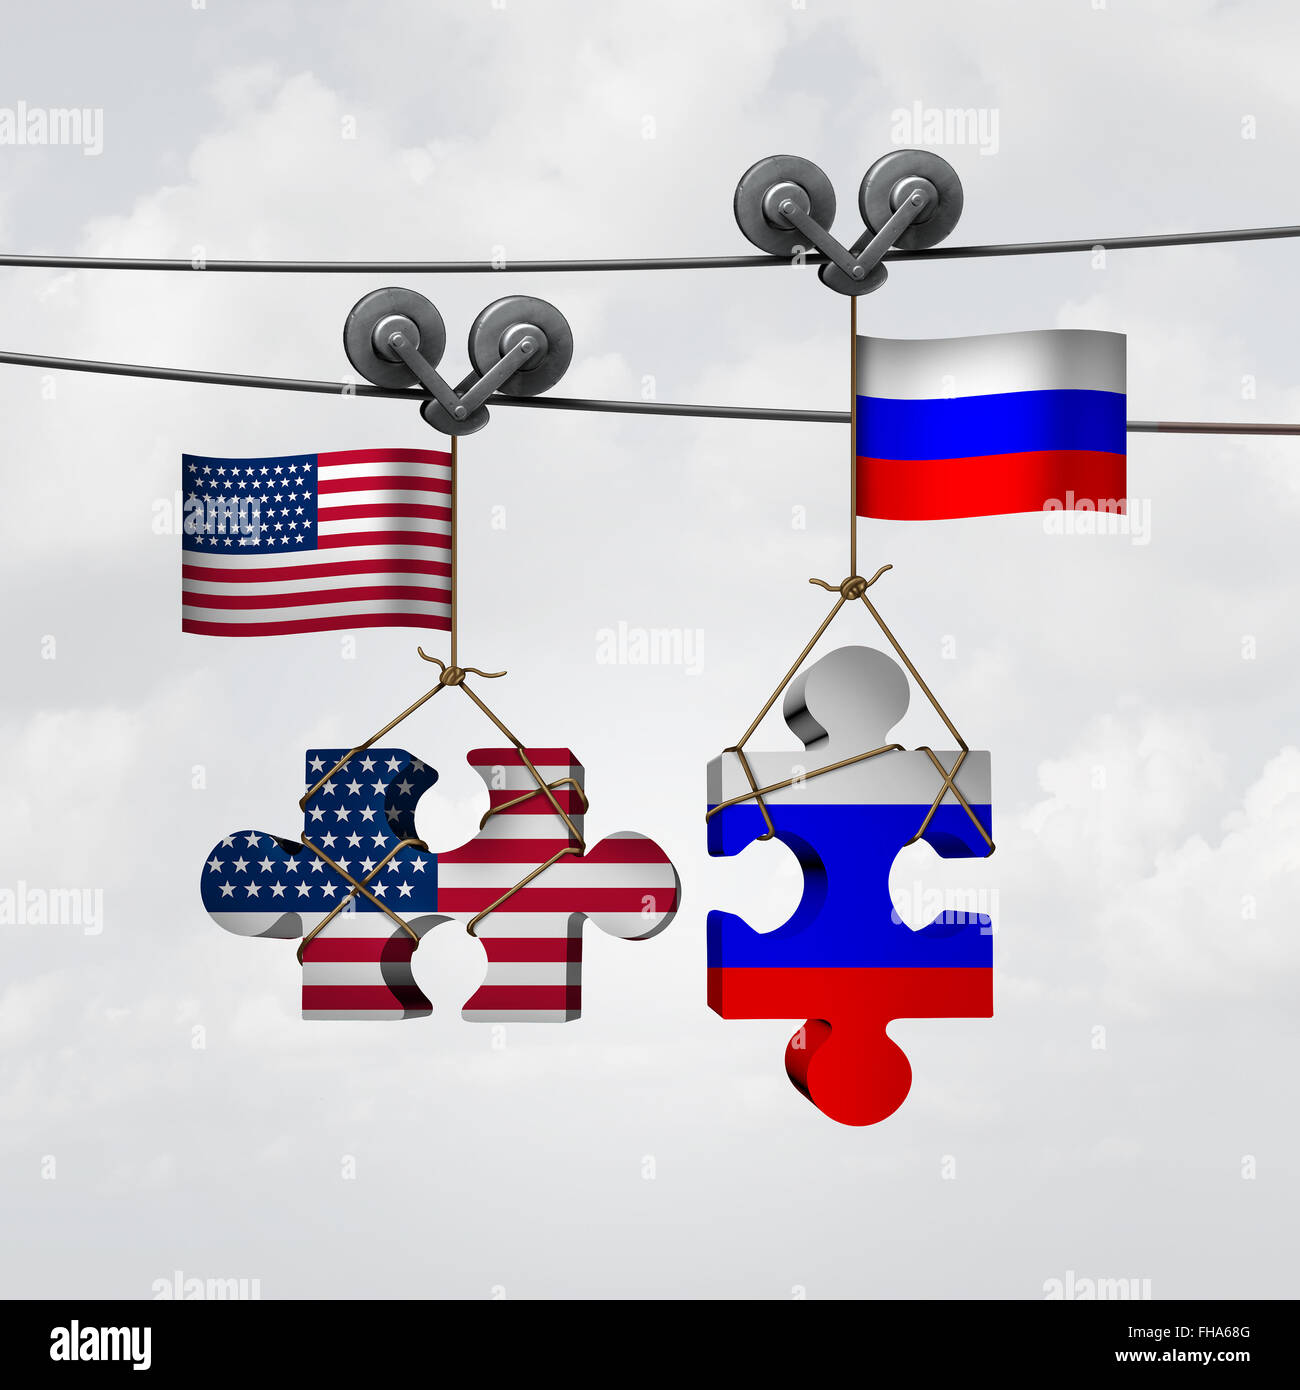 Amerikanischen und russischen Zusammenarbeit Erfolg als zwei Teile eines Jigsaw Puzzle Fron der Vereinigten Staaten Stockbild